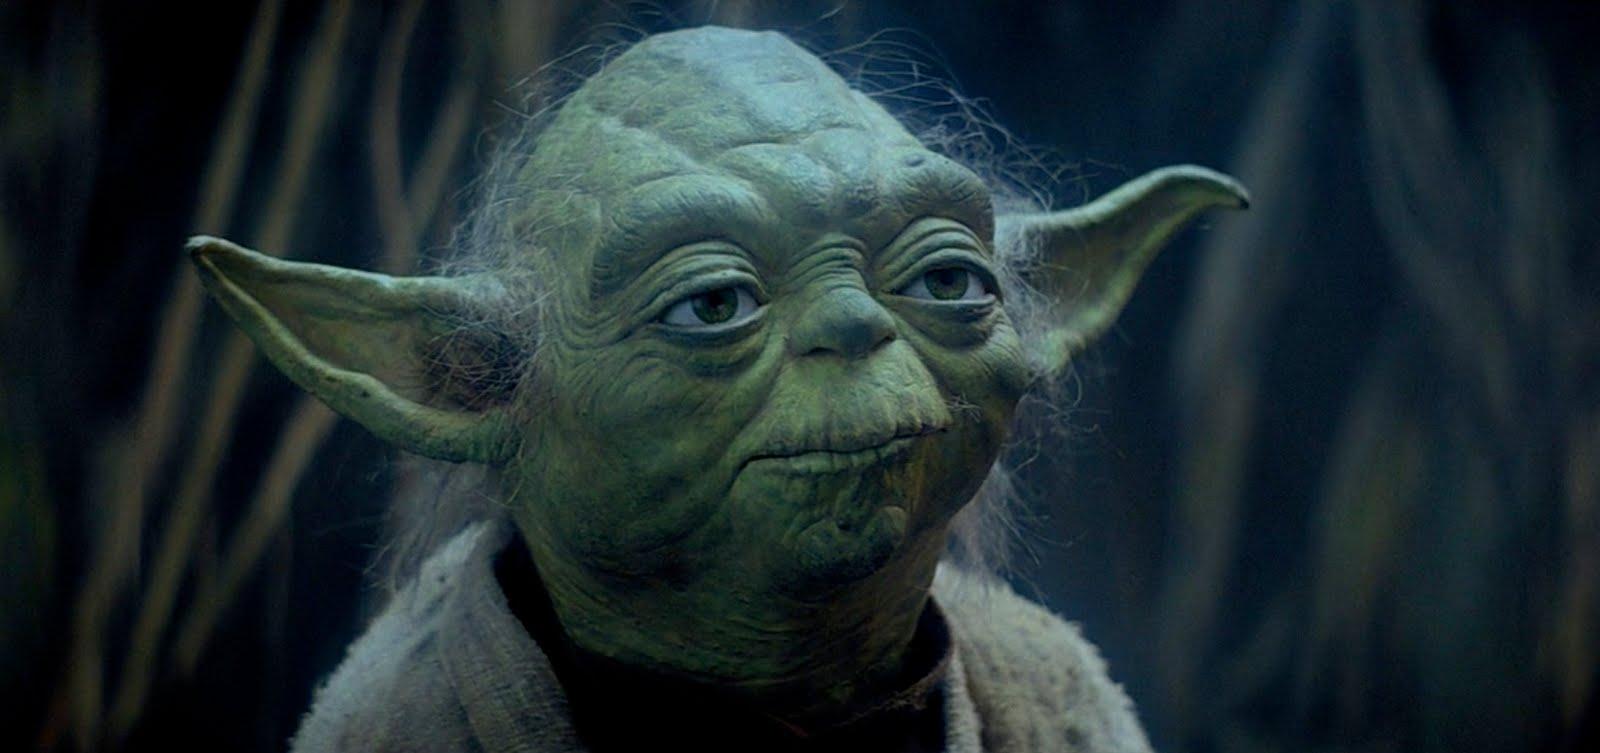 O primeiro nome de Yoda no filme era Buffy